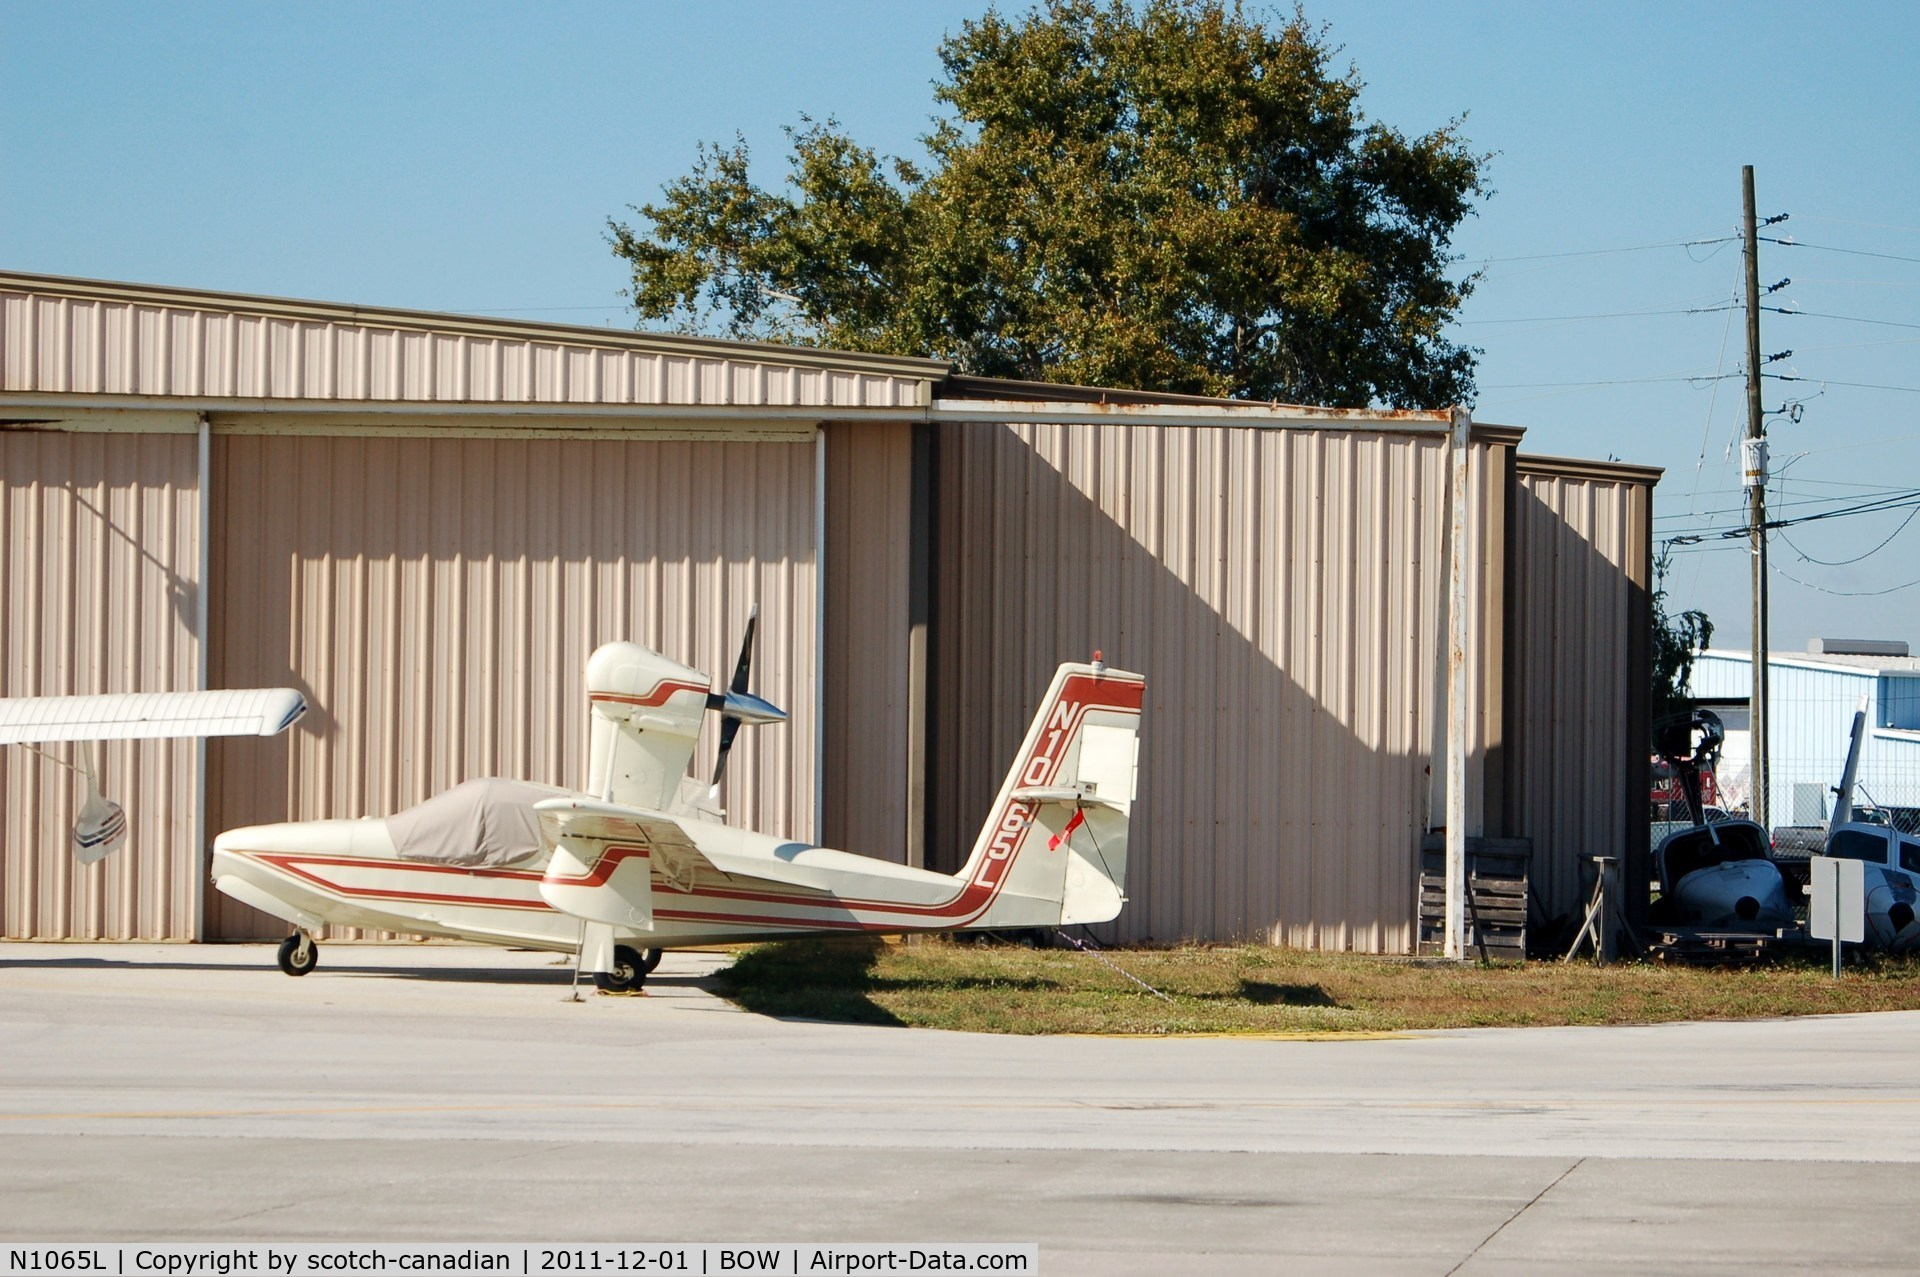 N1065L, 1975 Lake LA-4-200 Buccaneer C/N 658, 1975 Lake LA-4-200 N1065L at Bartow Municipal Airport, Bartow, FL